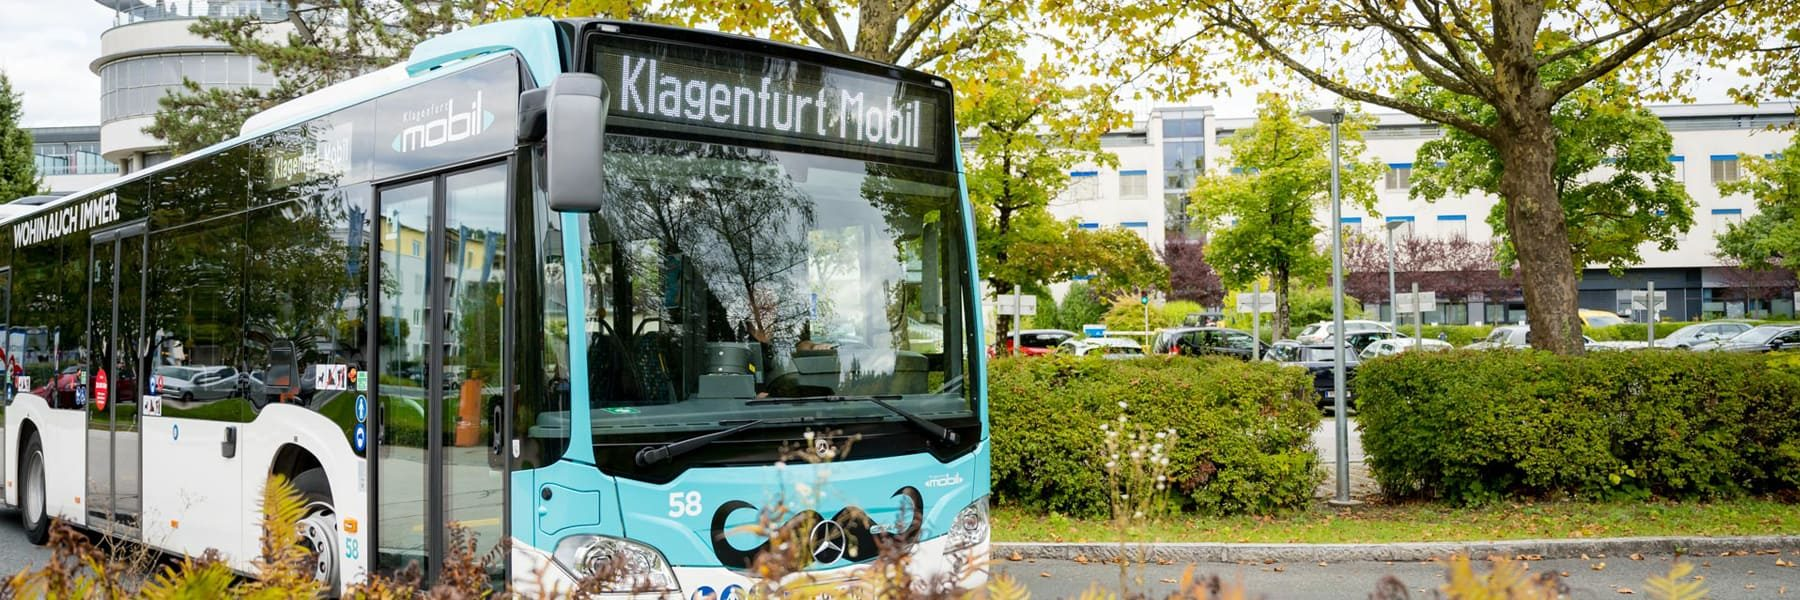 klagenfurtmobil-herbst-klagenfurt